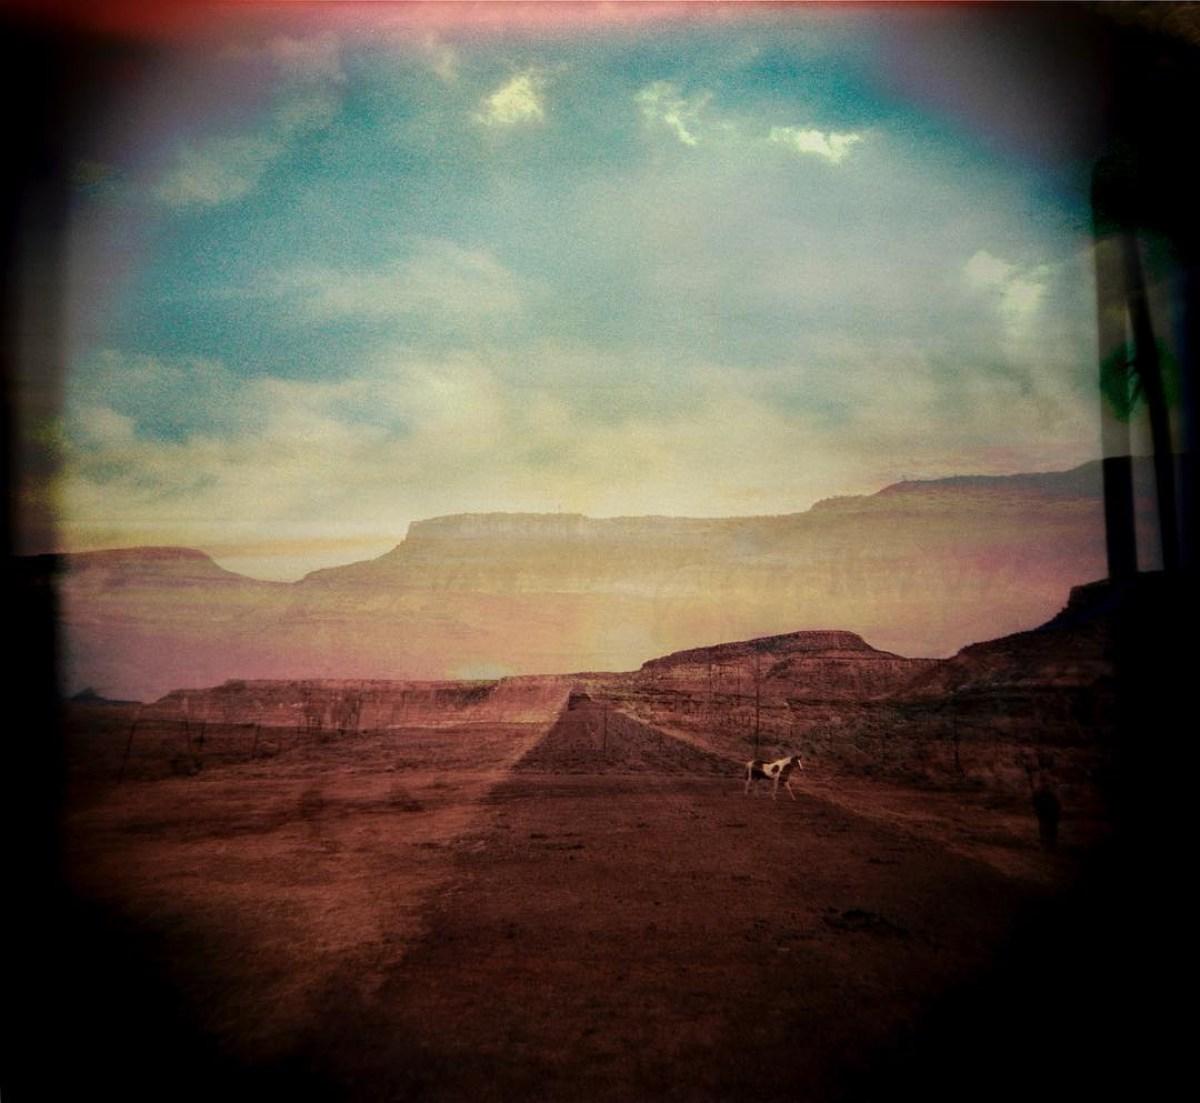 Western är centrum för Springsteens nya album. Foto: @springsteen (Twitter)